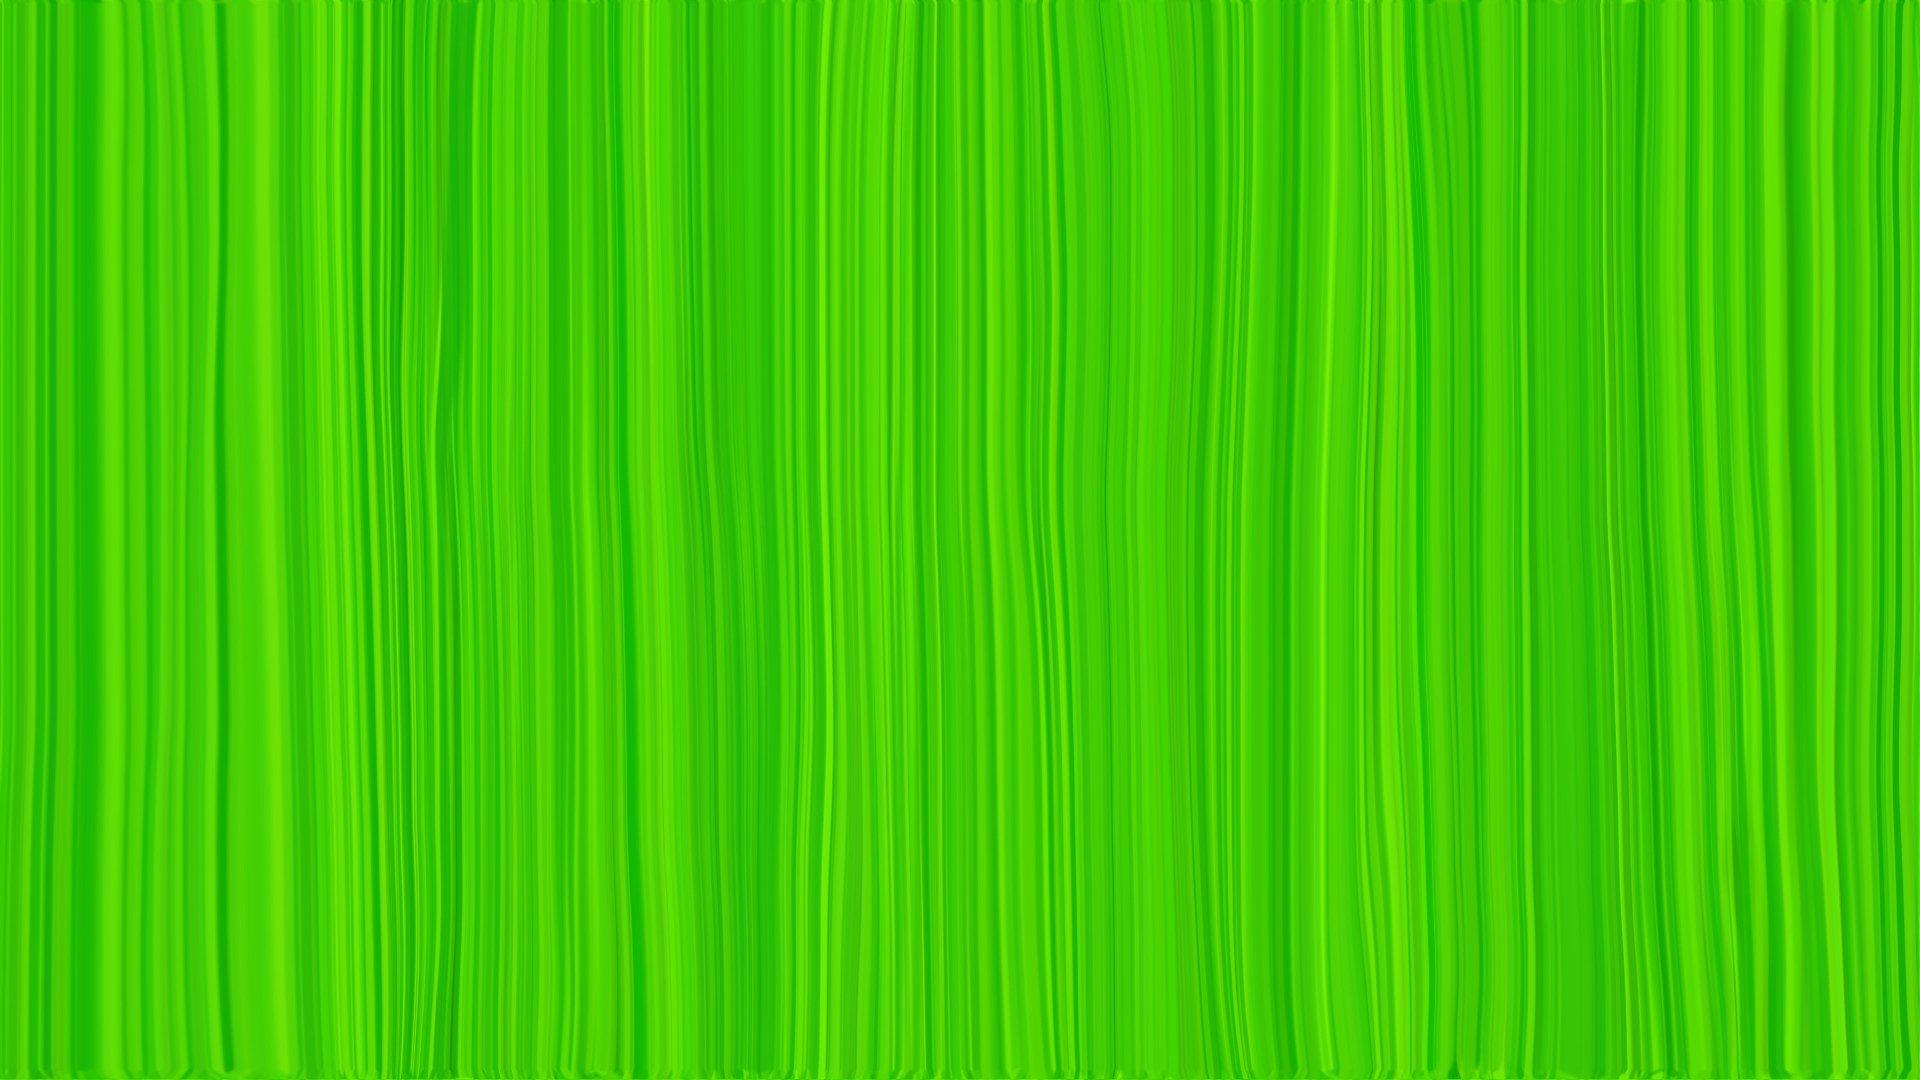 картинки с зеленым фоном испарять поверхности одежды